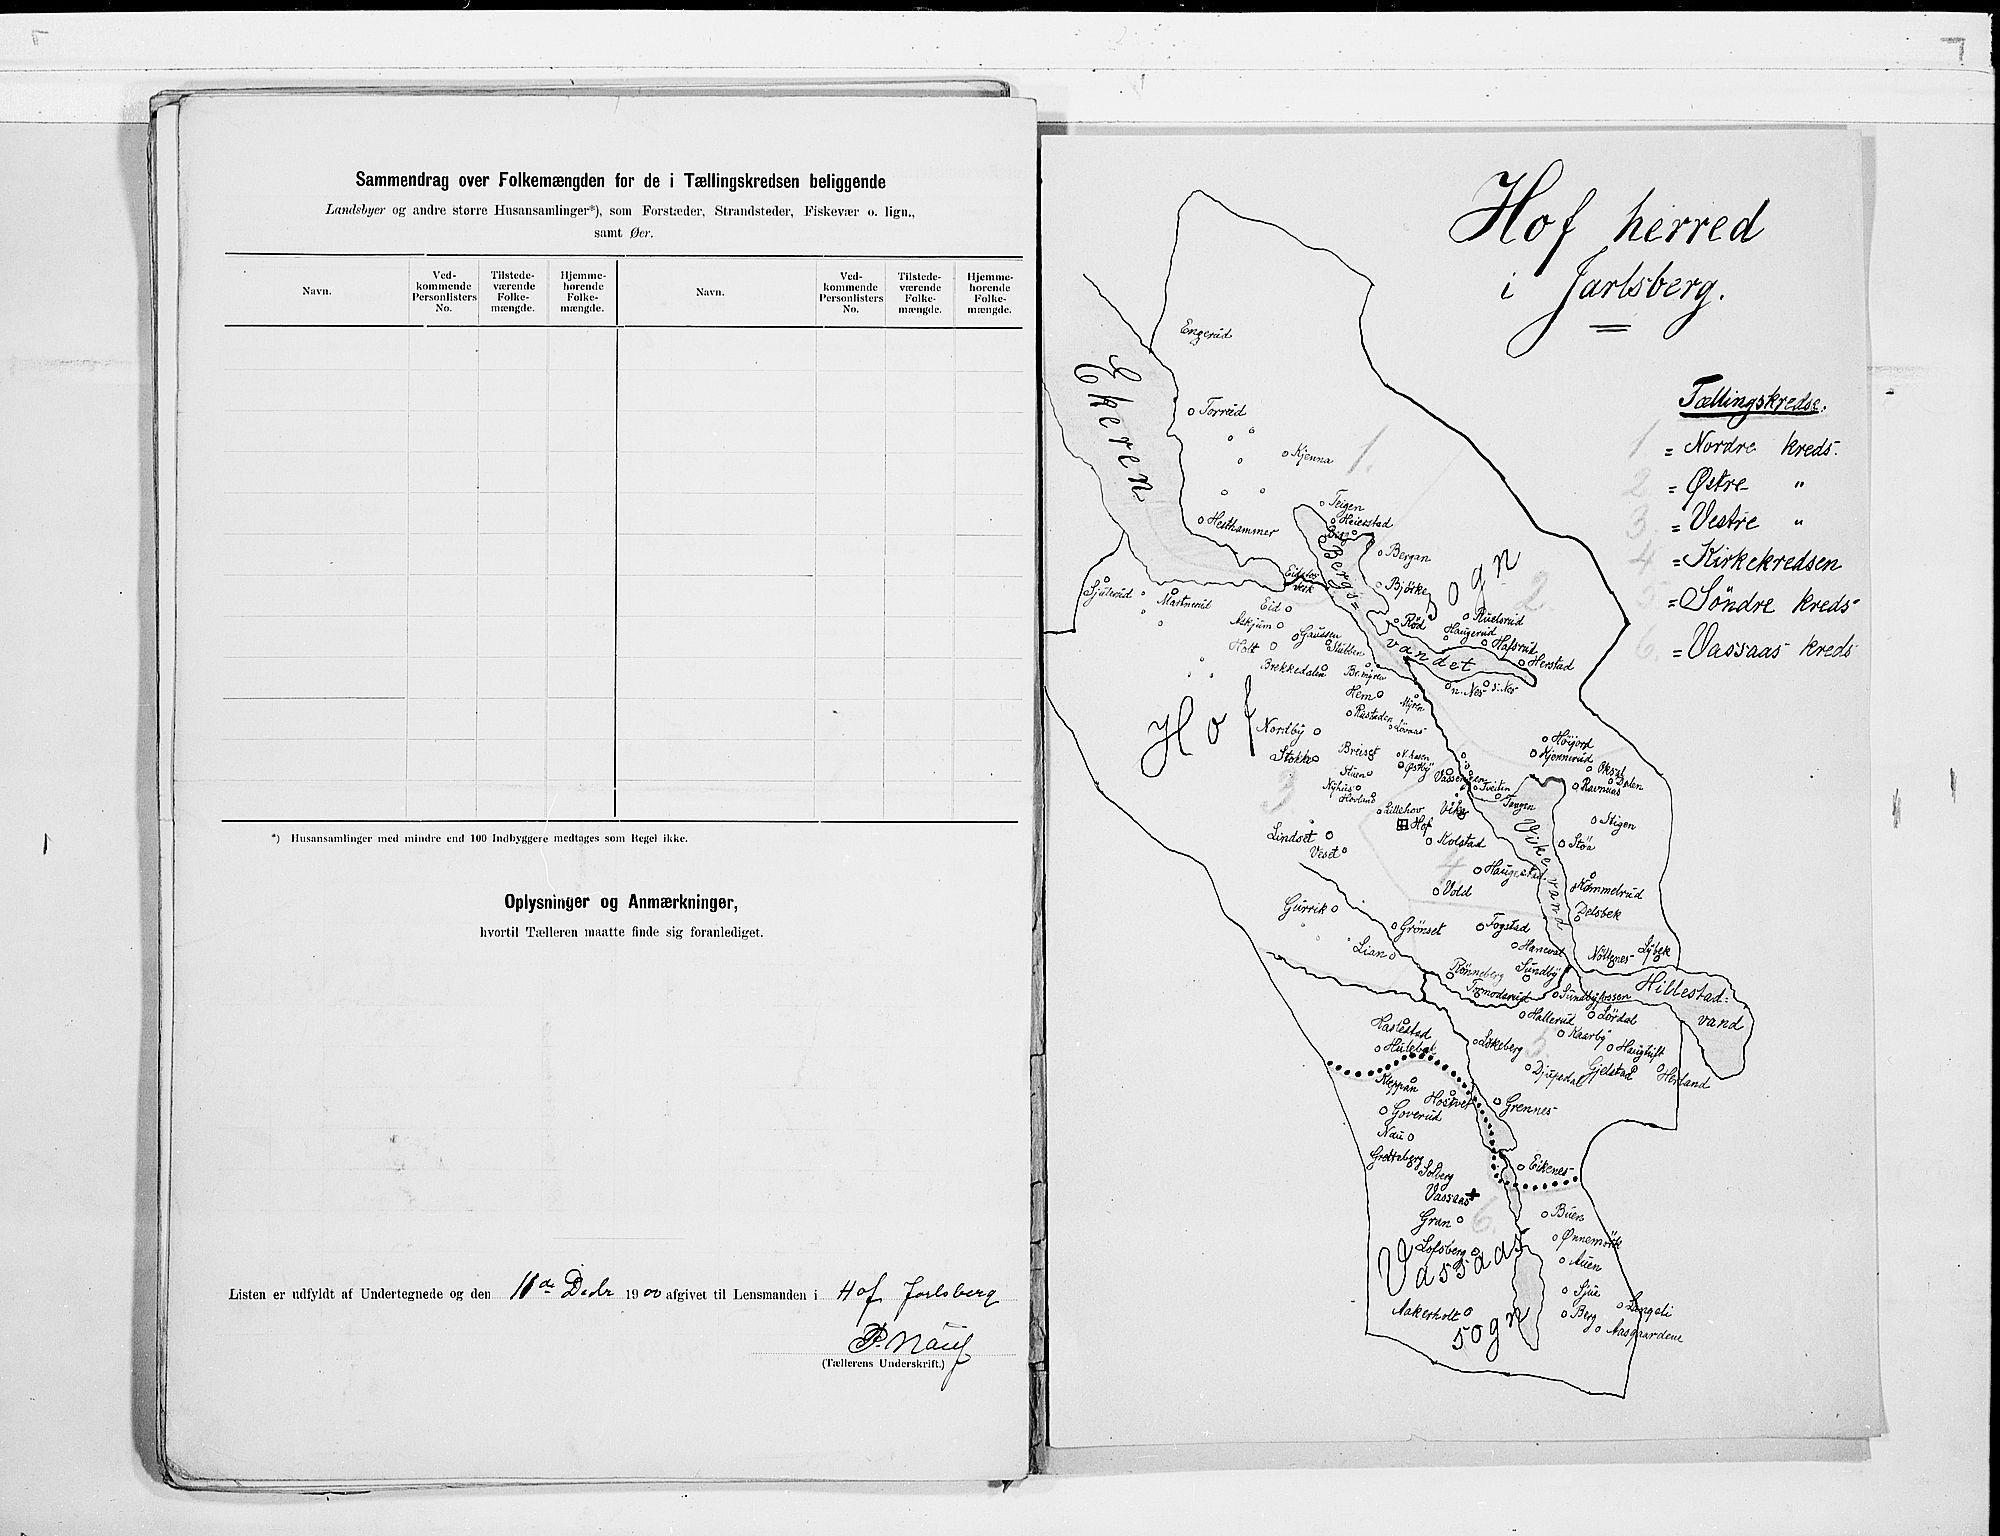 RA, 1900 census for Hof, 1900, p. 18